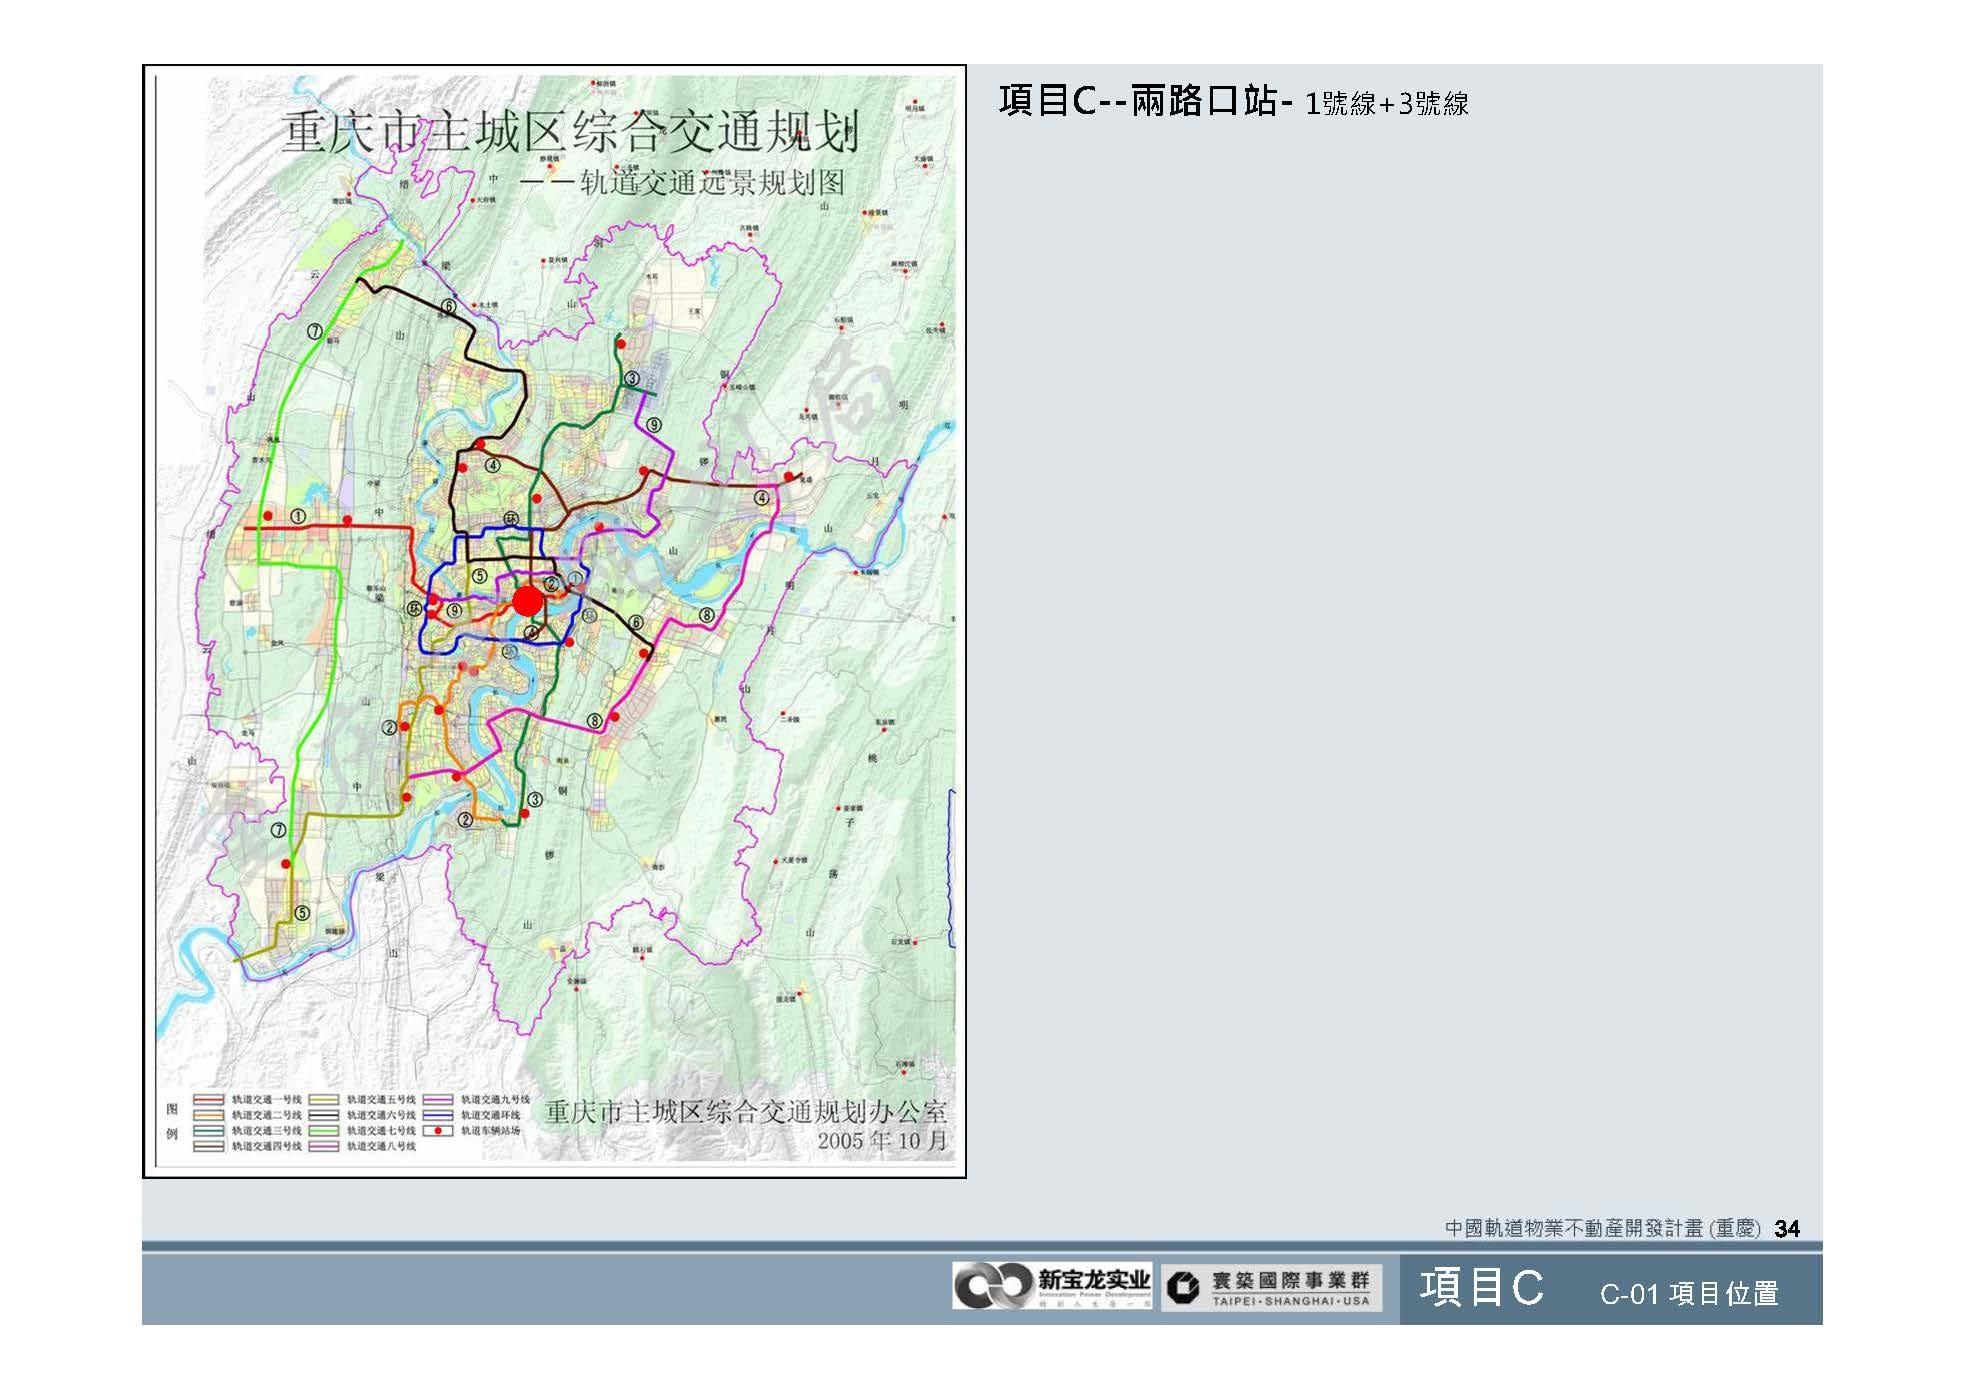 20100812-中國軌道物業不動產開發計畫(重慶)_頁面_35